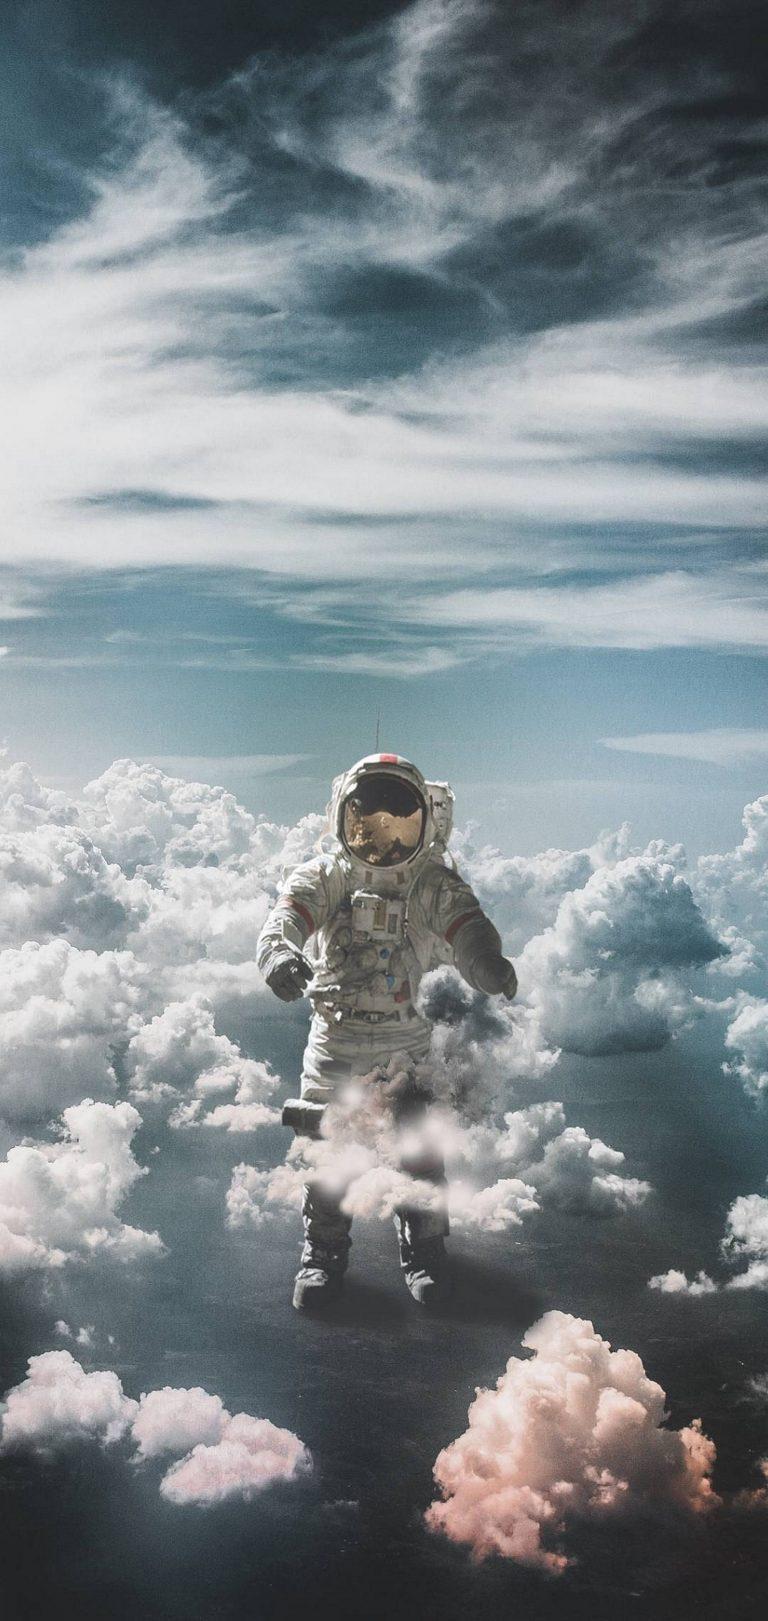 Astronaut Suit Space Clouds Wallpaper 1440x3040 768x1621